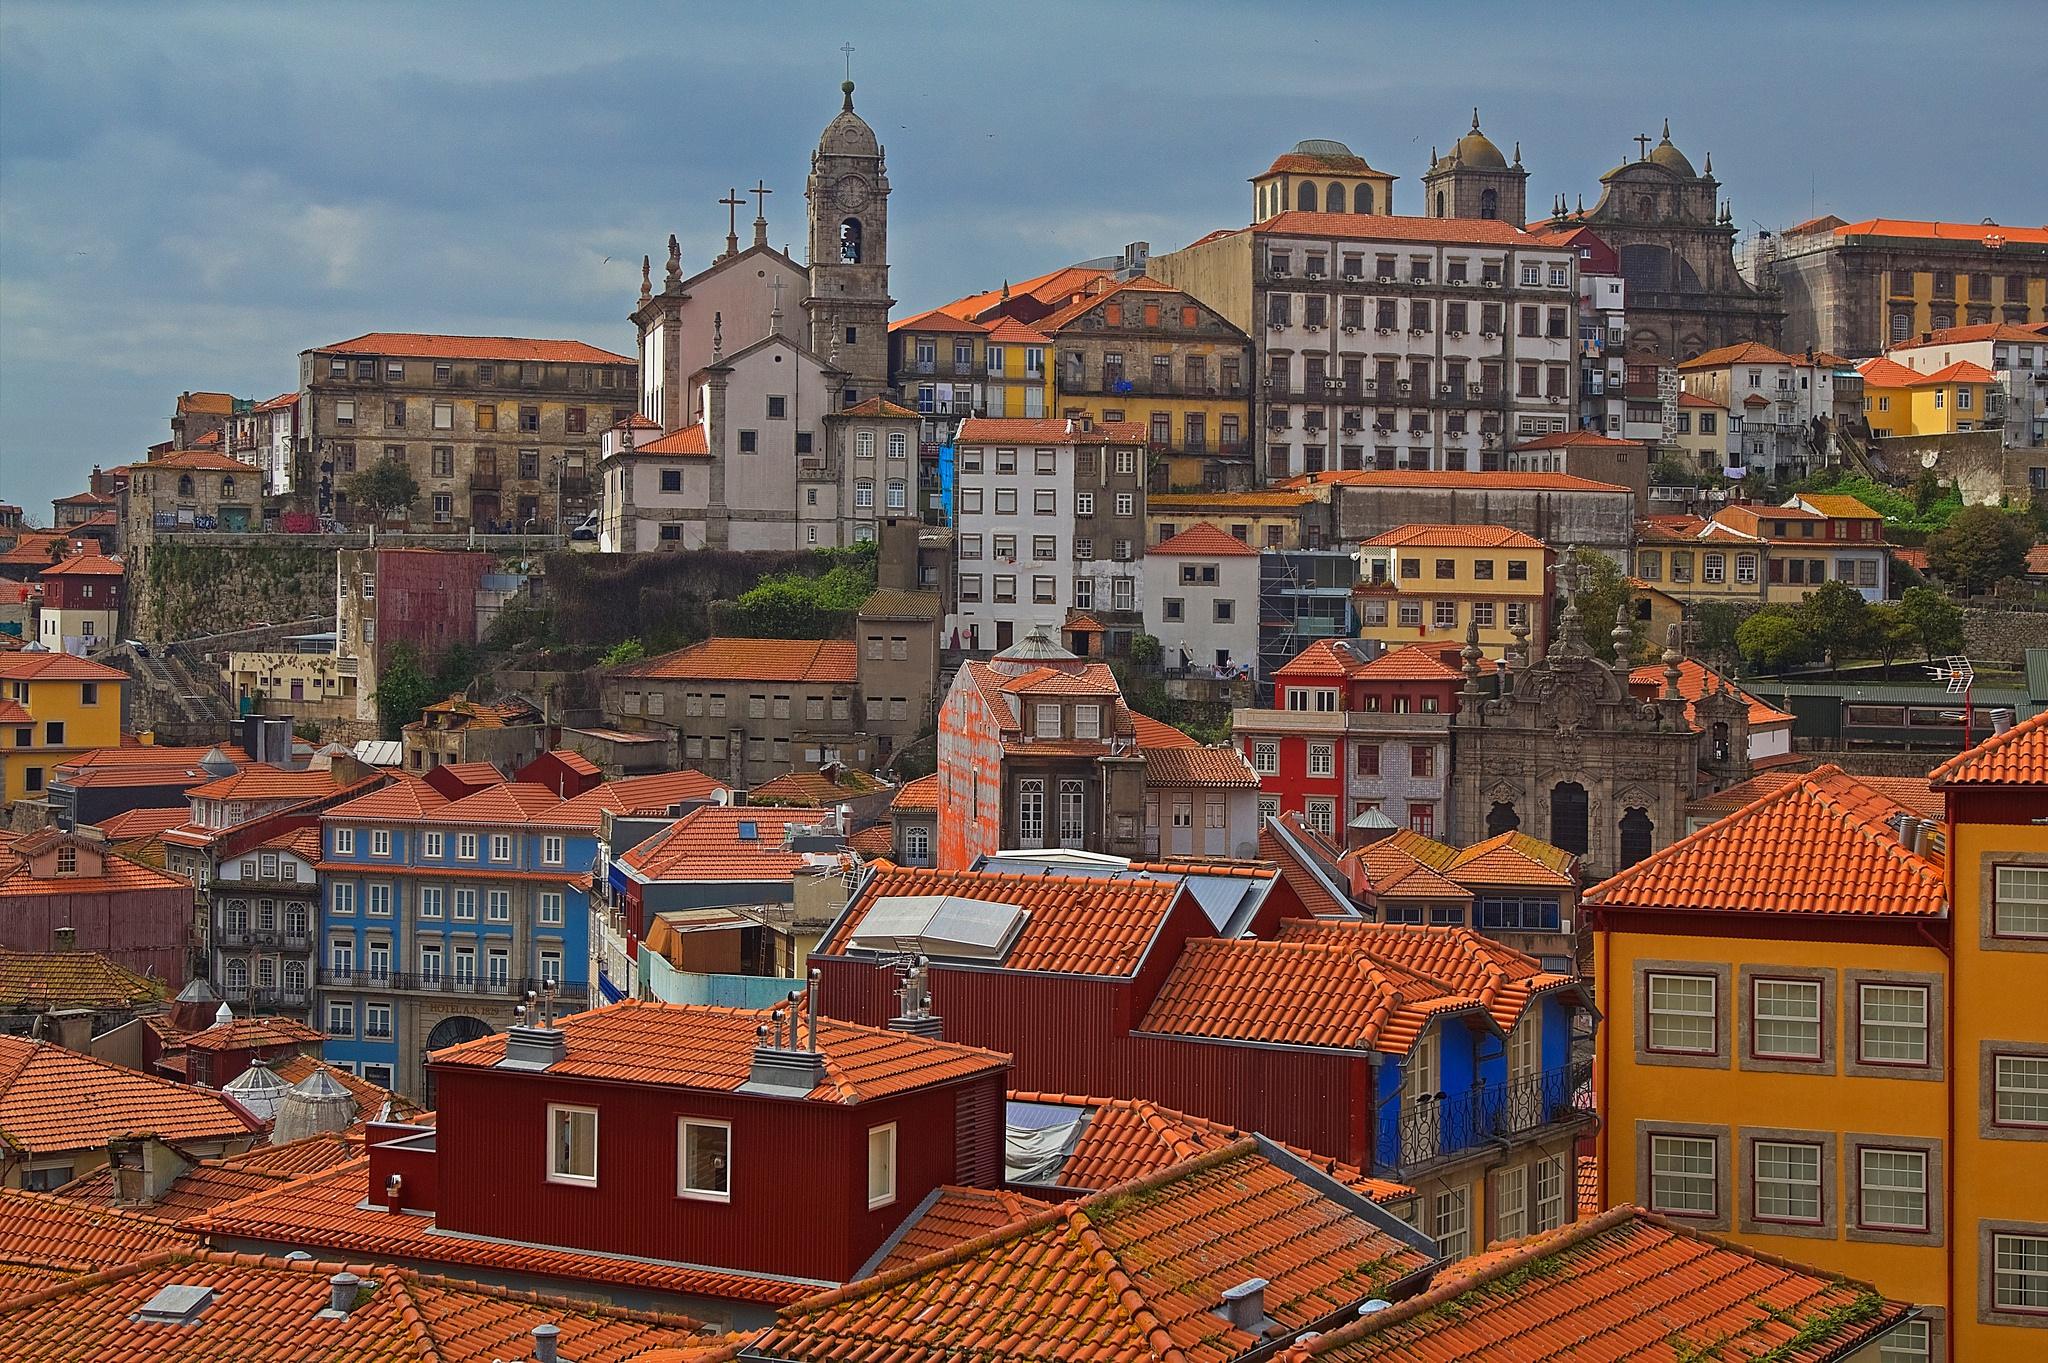 теплице представлена фото домов в португалии изготовления модной юбки